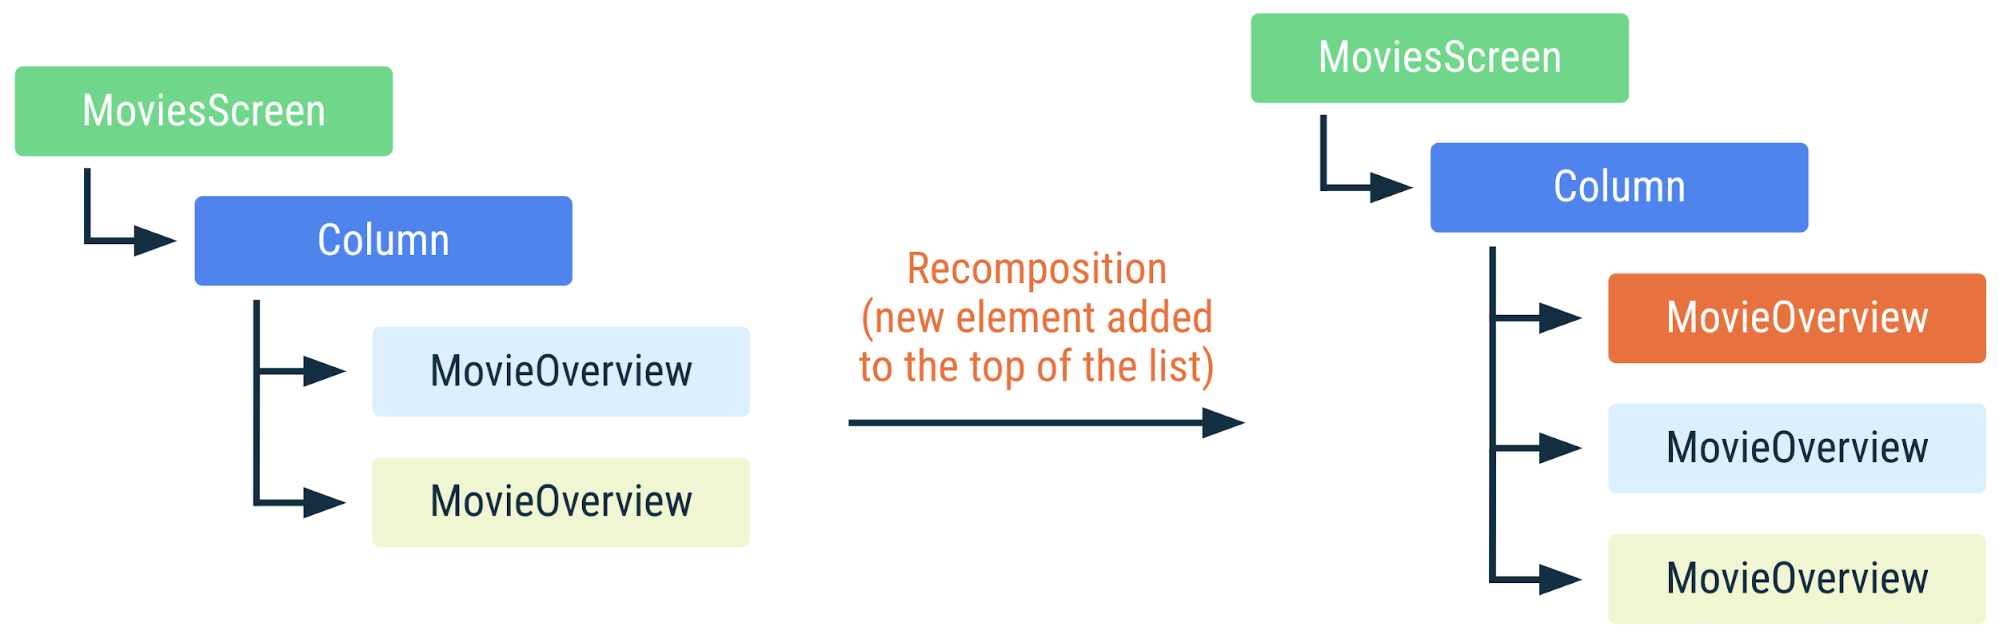 新しい要素がリストの先頭に追加されたときに上記のコードがどのように再コンポーズされるかを示す図。リストアイテムはキーによって識別されるため、Compose は、アイテムの位置が変更されても再コンポーズしなくてよいことを認識します。